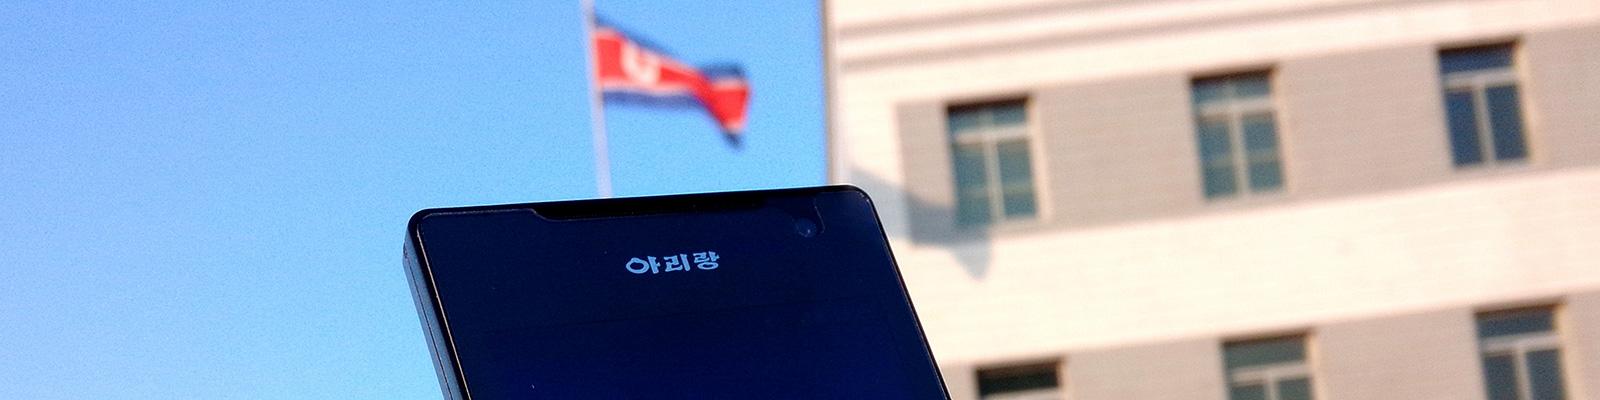 北朝鮮 スマートフォン